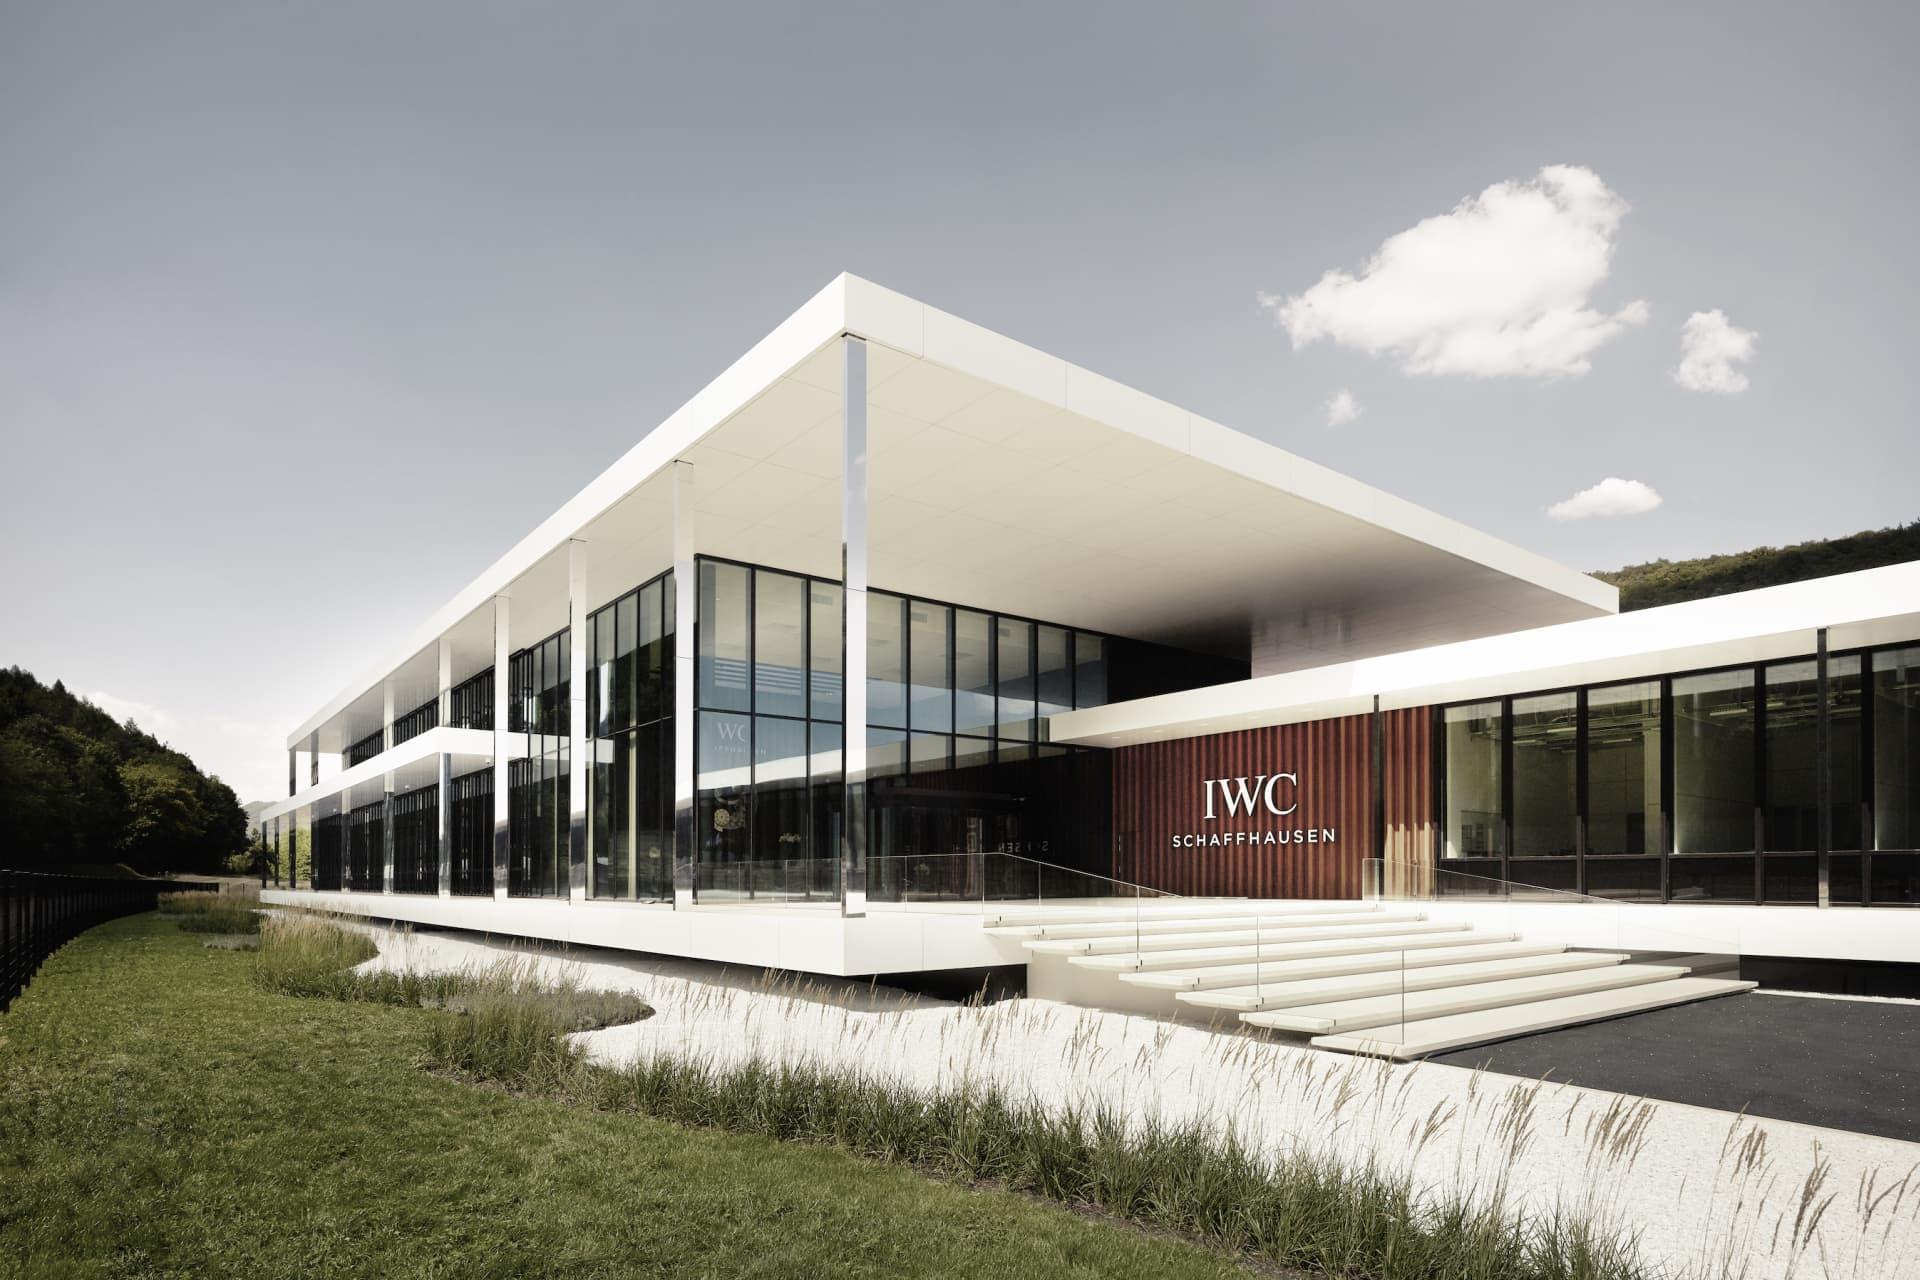 IWC firar också sitt jubileum med att invigaen till produktionsbyggnad i Schaffhausen.©IWC